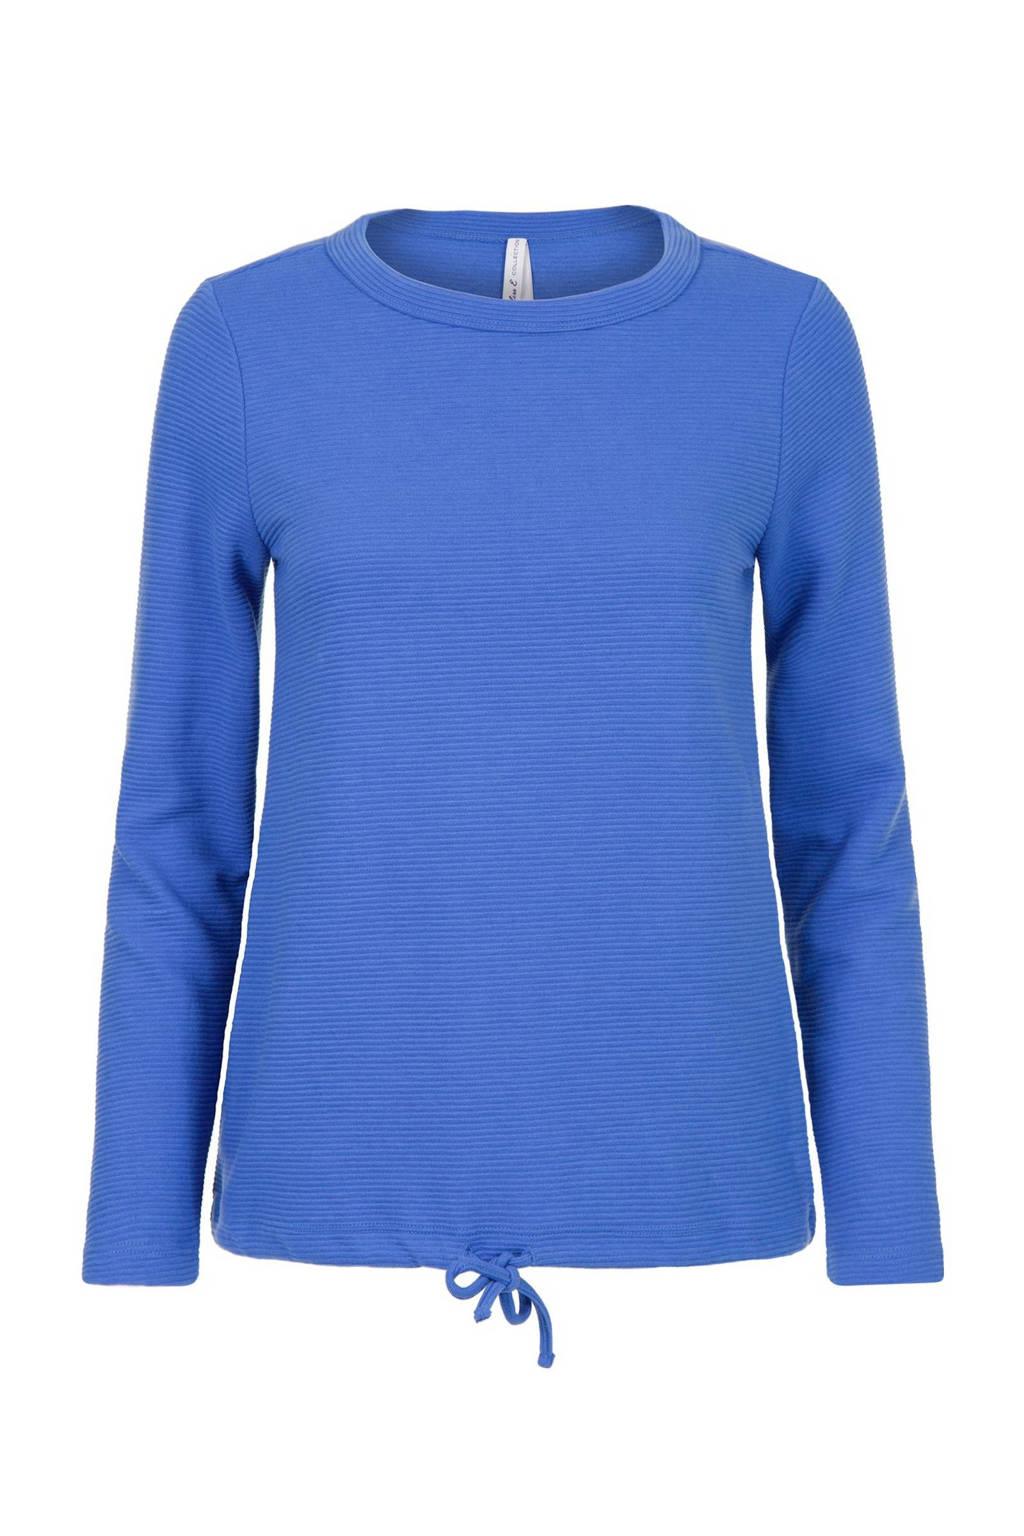 Miss Etam Regulier trui blauw, Blauw